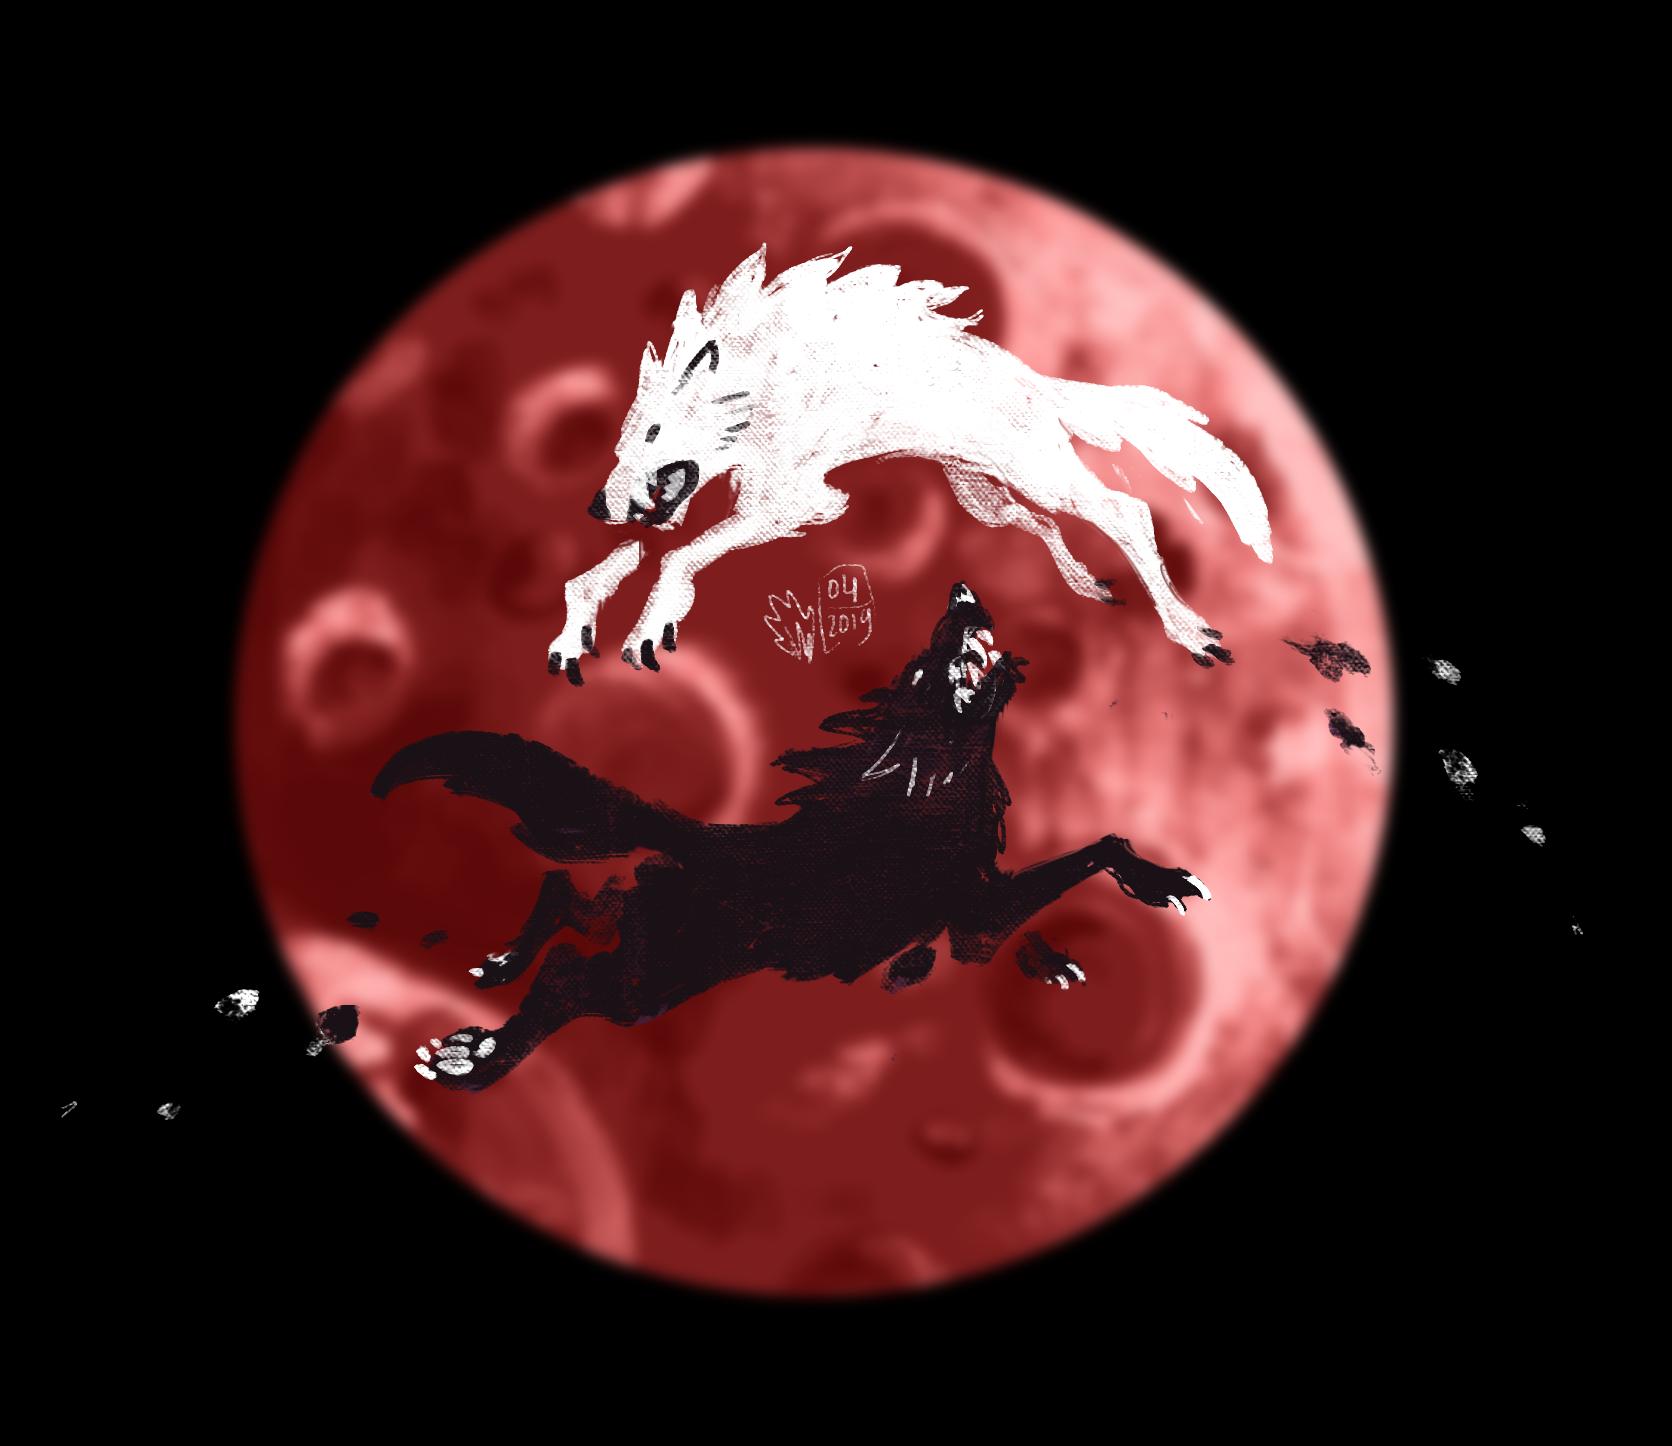 wolfsrain7.6